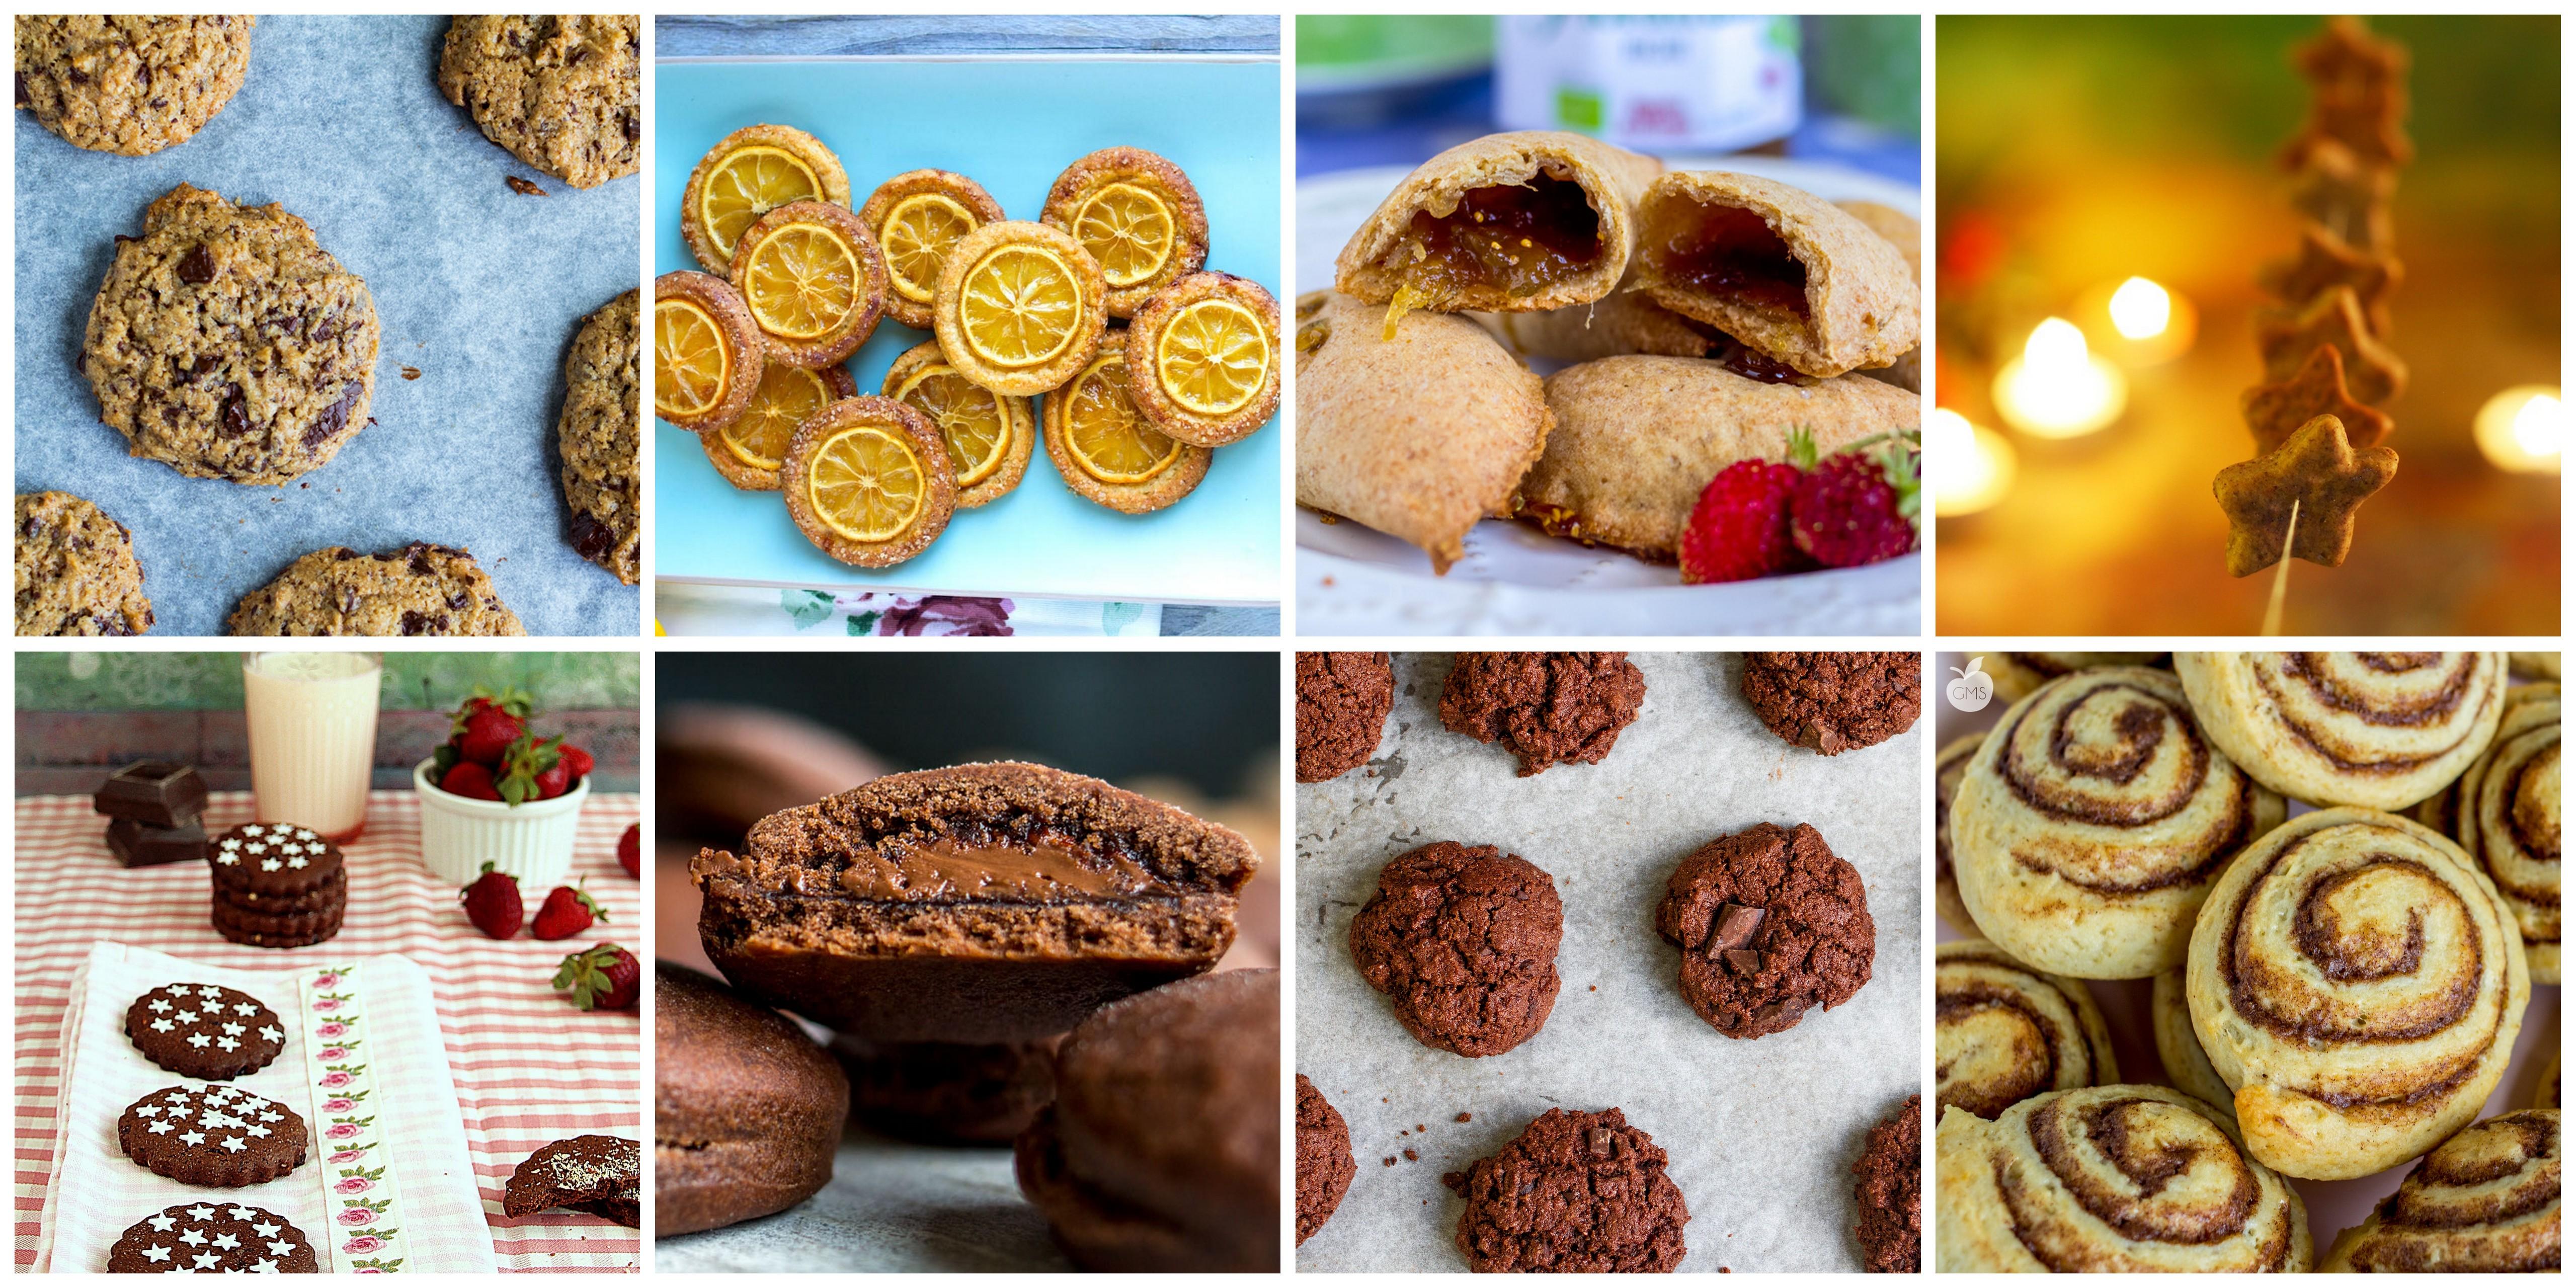 Eccezionale 10 ricette e idee per biscotti vegan, facili e buonissimi! - Il  LK82